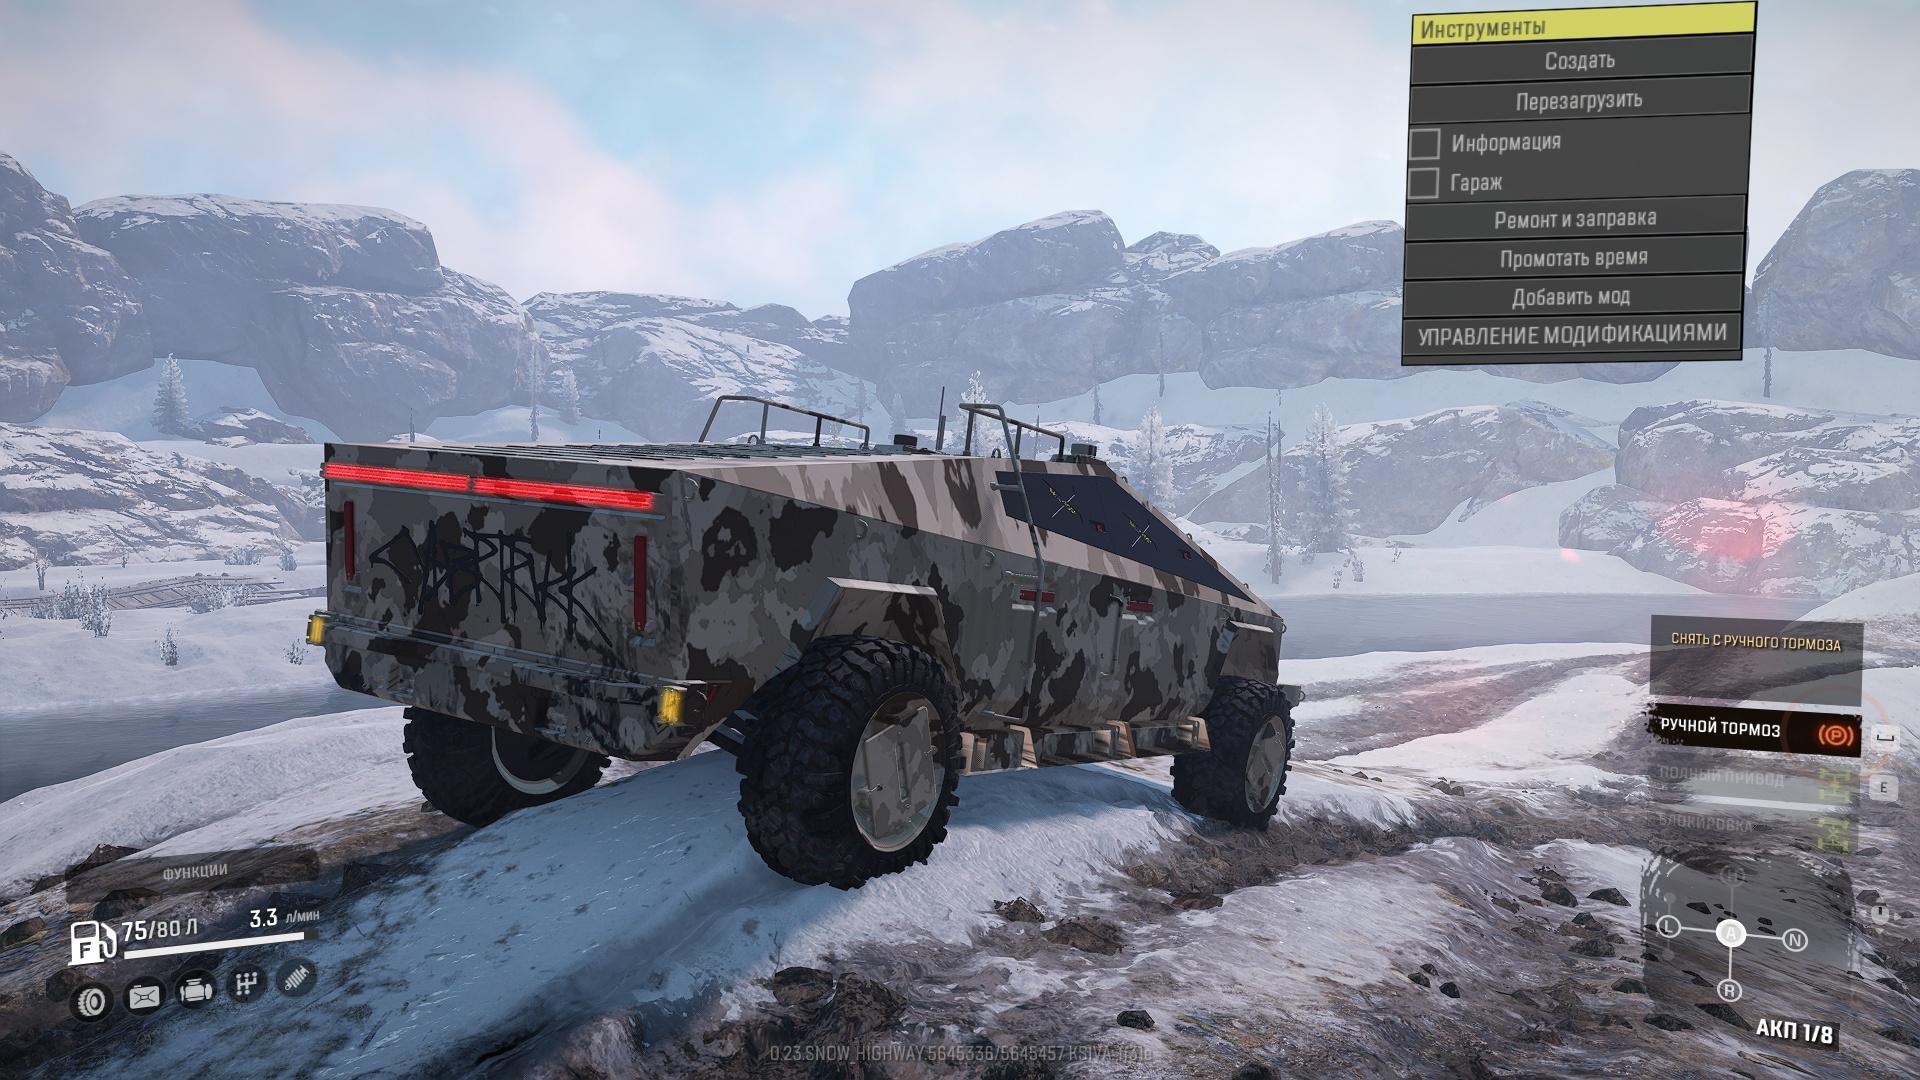 SnowRunner будет поддерживать модификации с первого дня